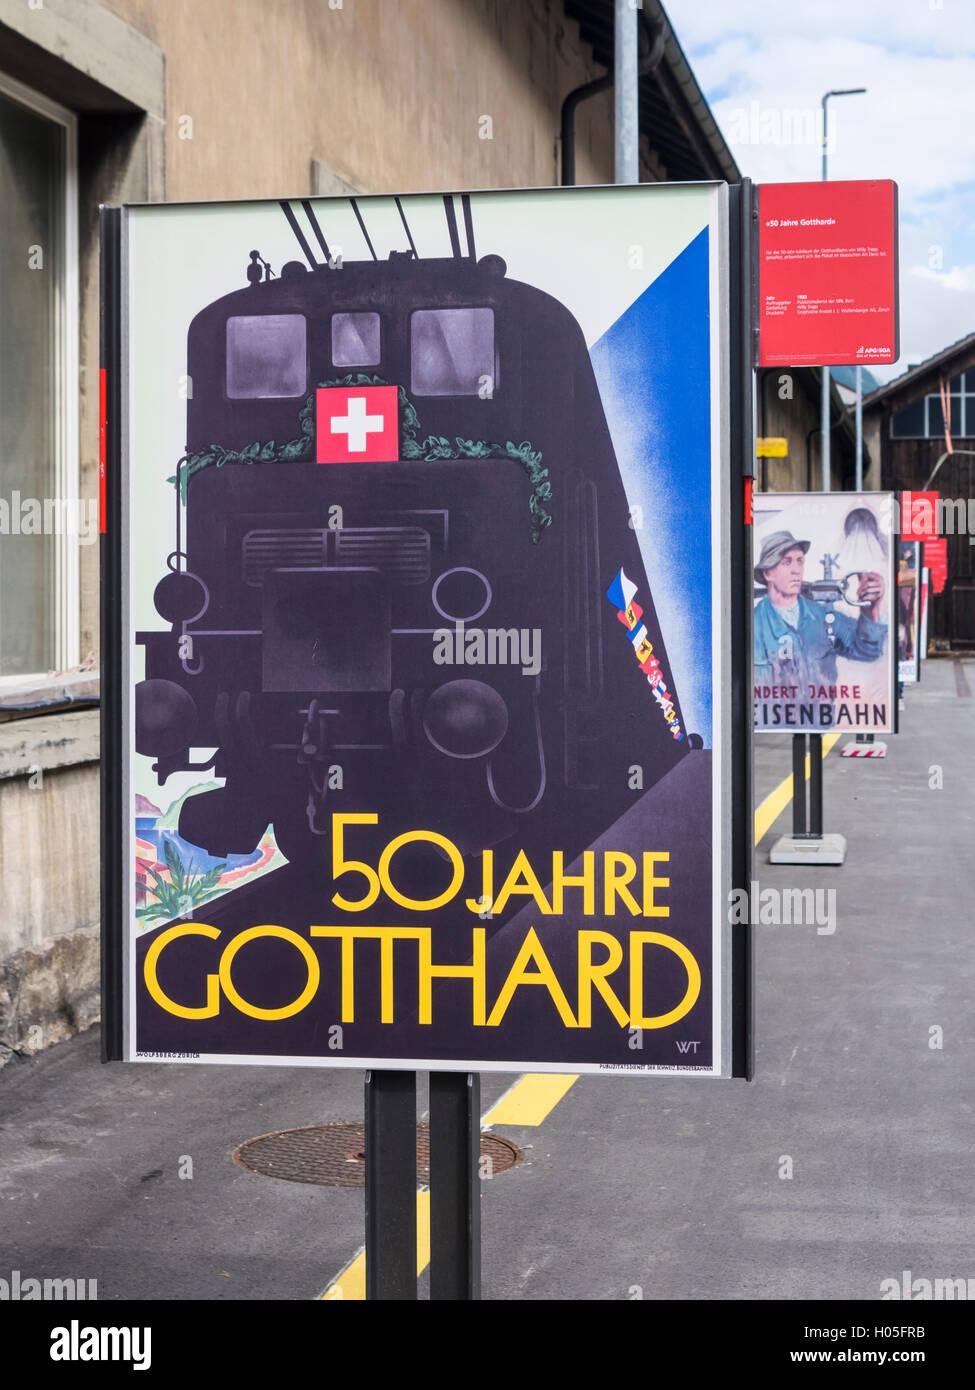 1932 Art-Deco-Werbung für die Schweizerischen Bundesbahnen SBB fördern das 50-jährige Jubiläum der Gotthardbahn. Stockfoto